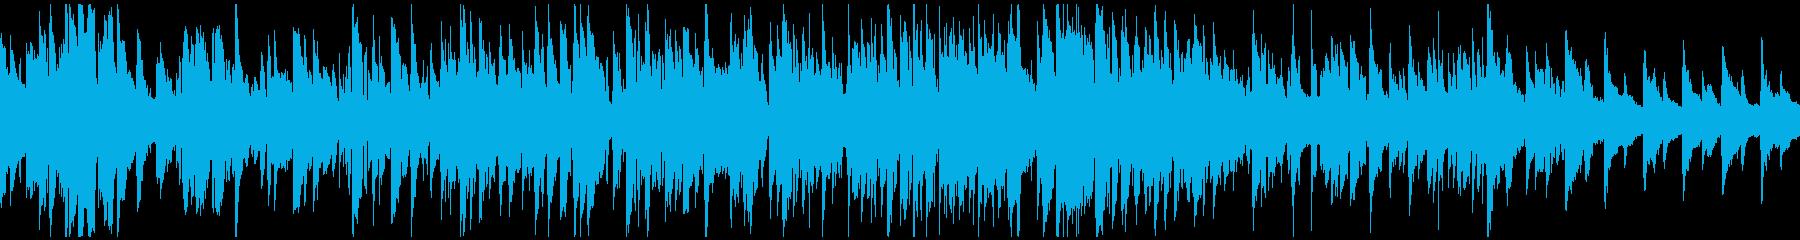 ジャズ・ワルツ、軽快な高揚感 ※ループ版の再生済みの波形